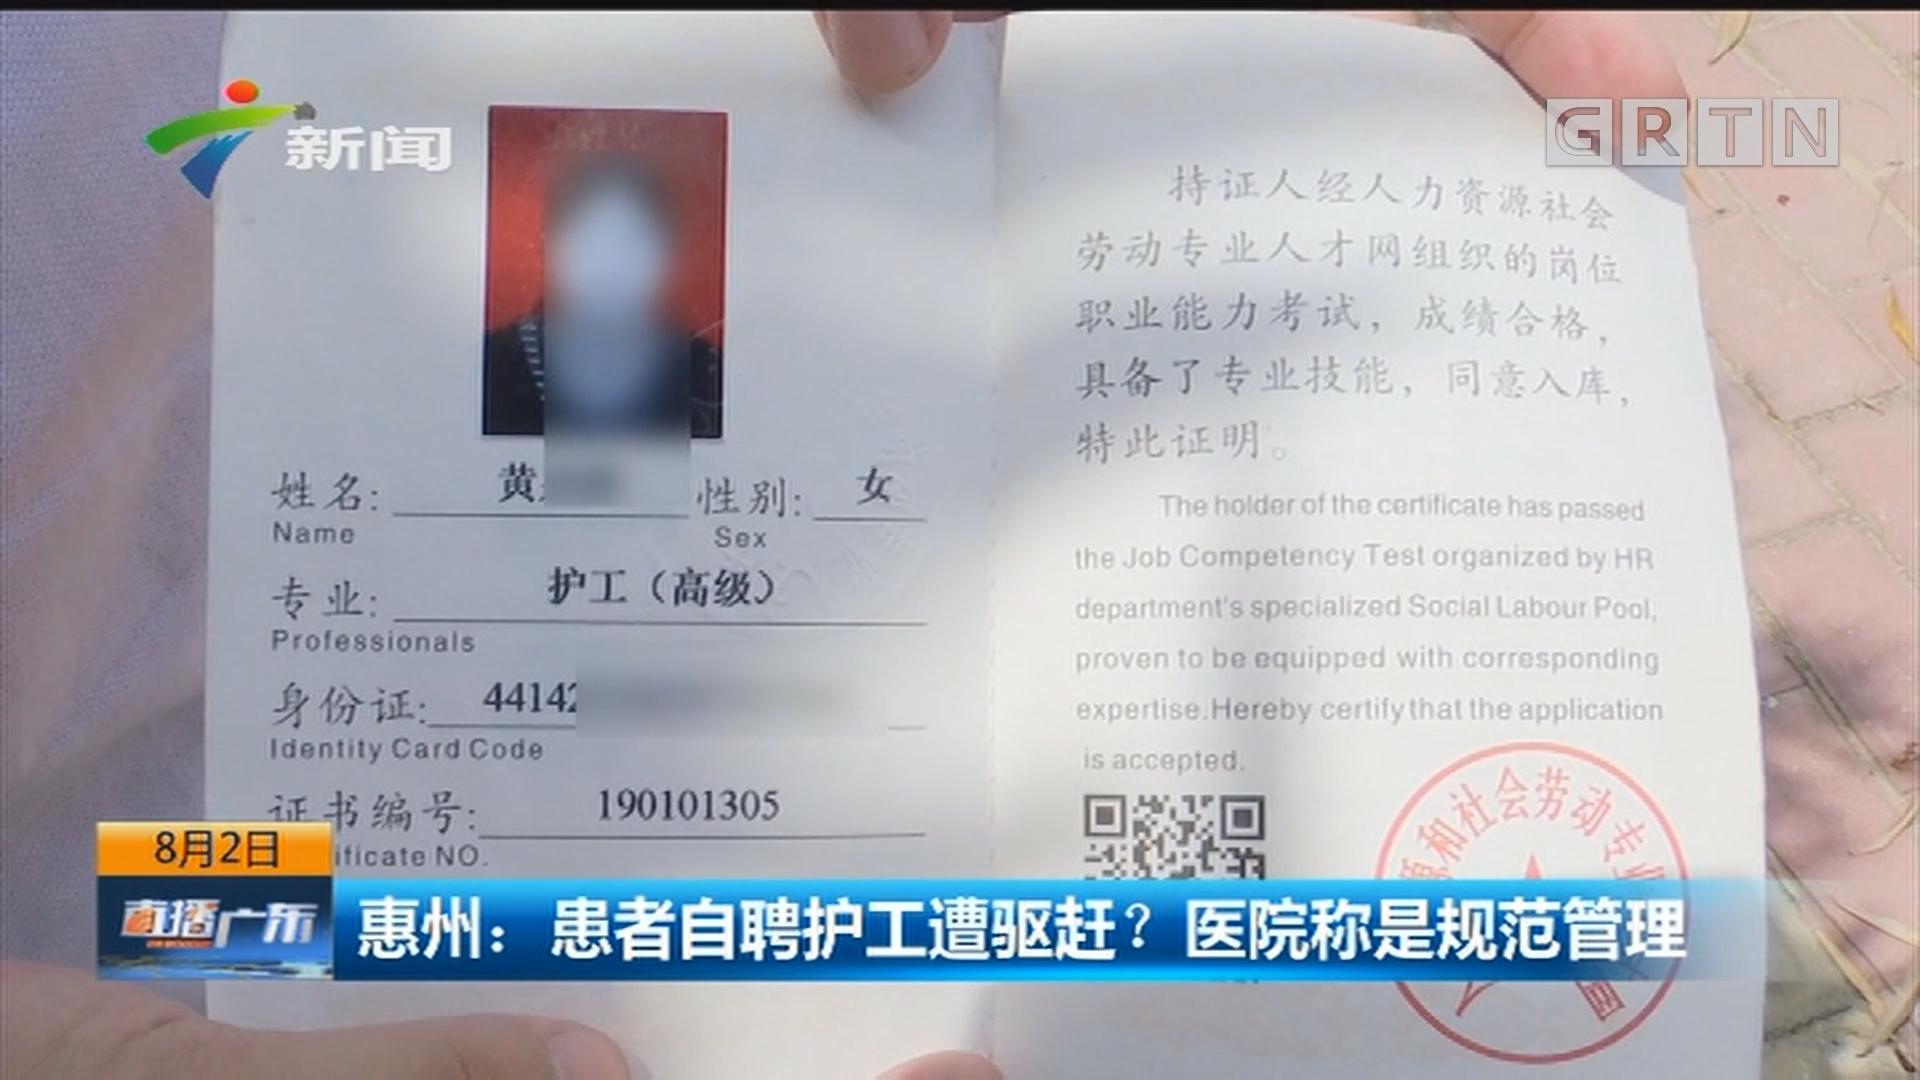 惠州:患者自聘护工遭驱赶? 医院称是规范管理